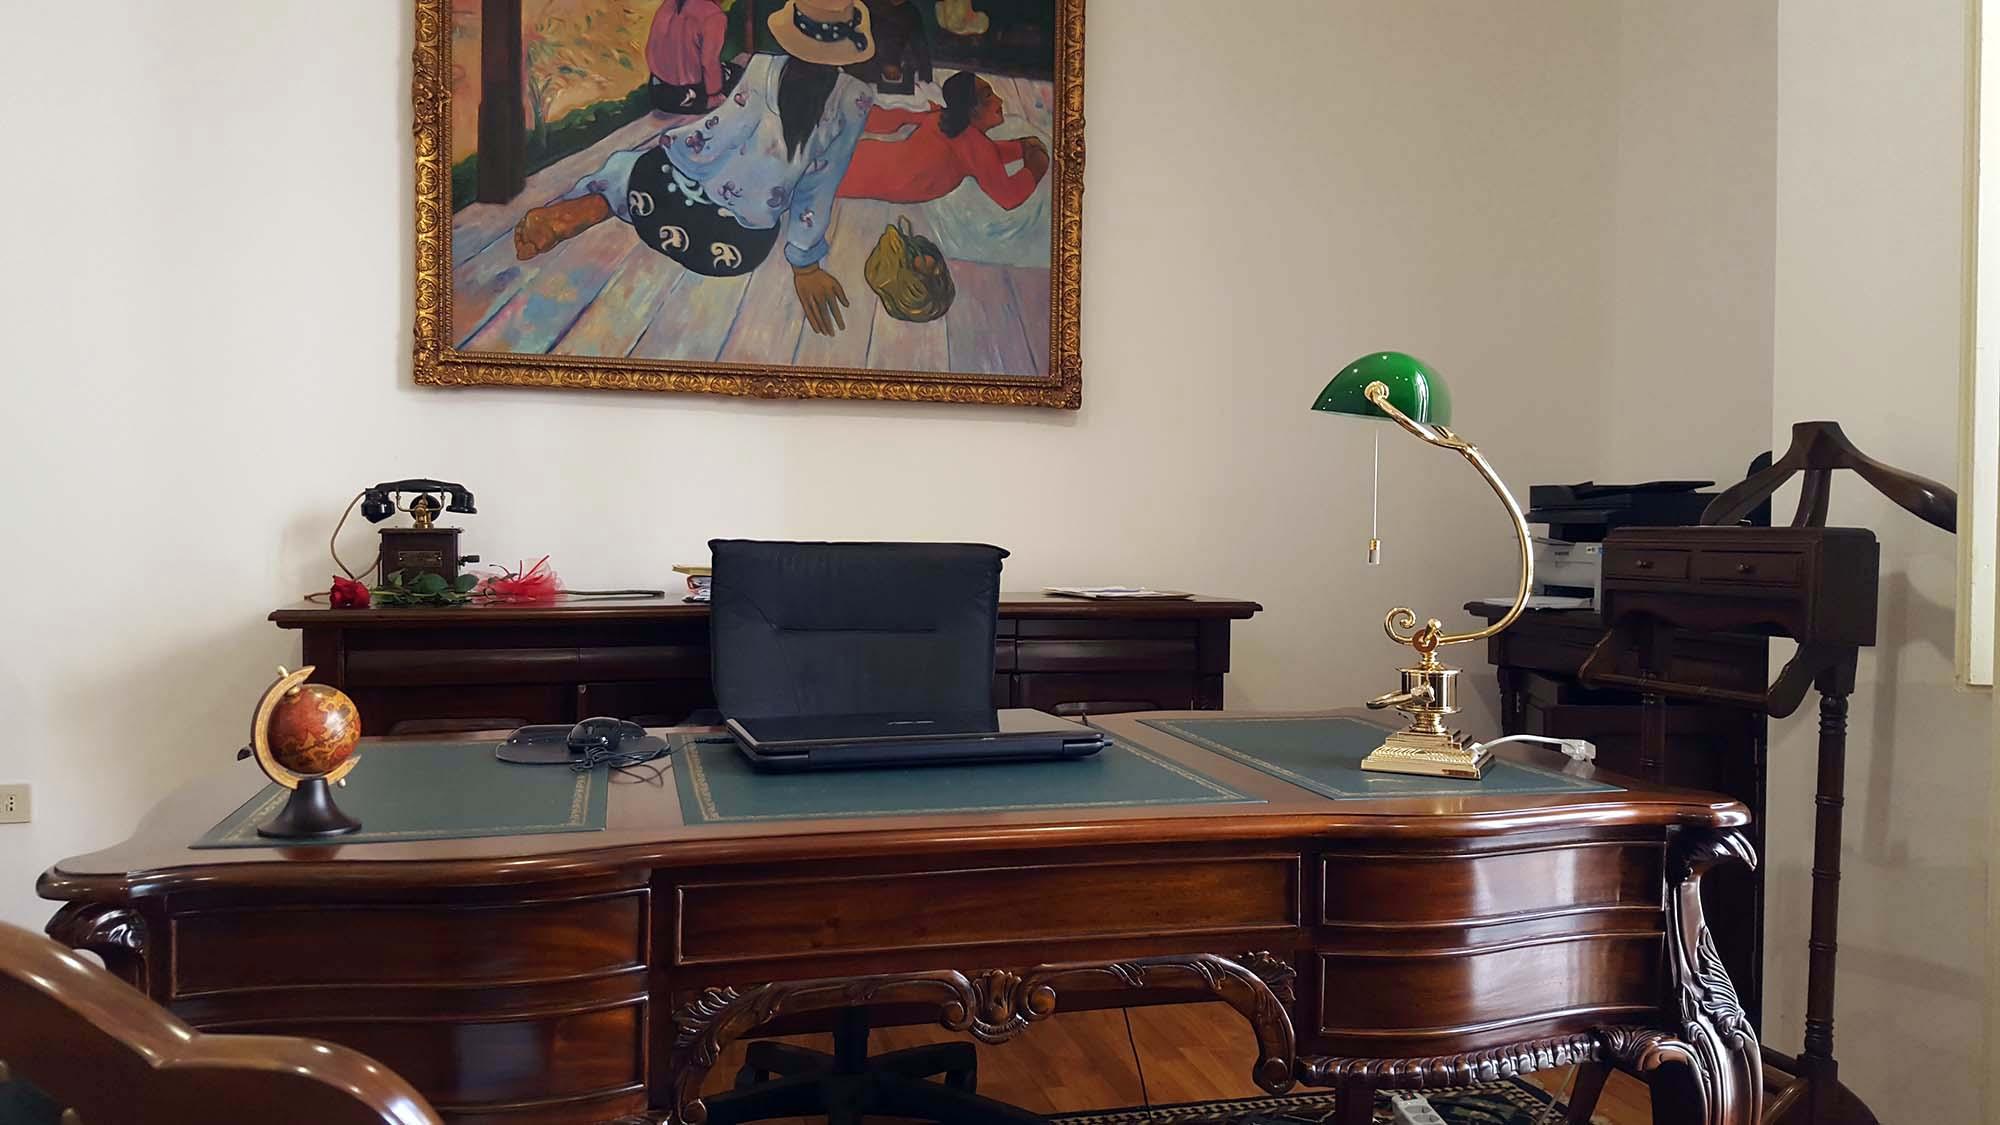 Roma lampada ottone con paralume pergamena stampata annunci